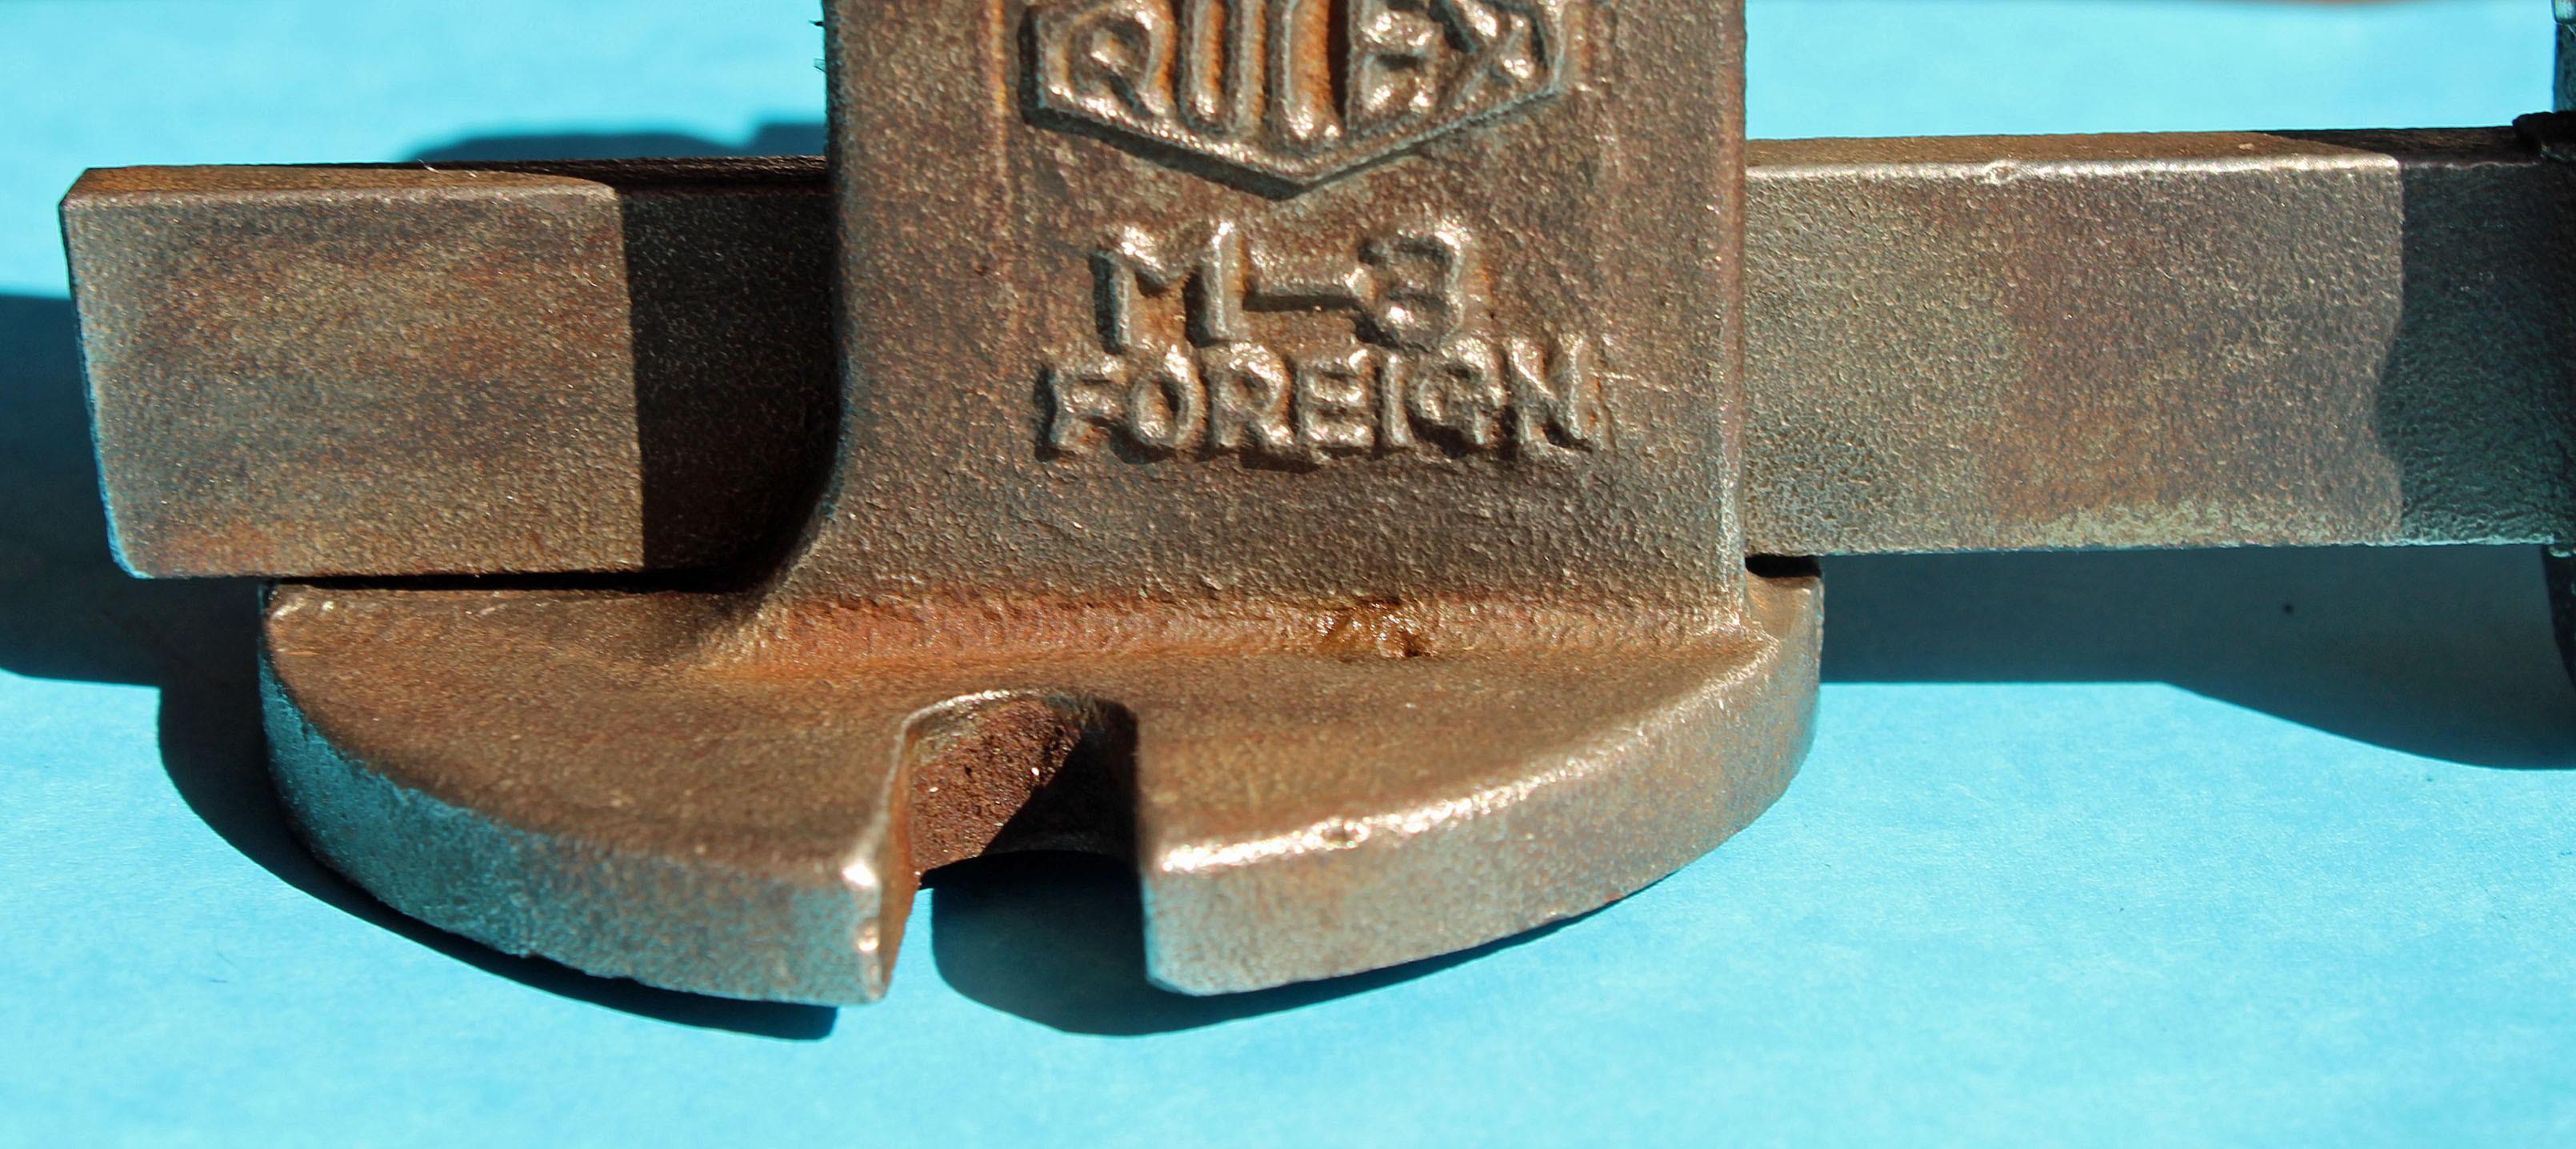 Rolex Rare vintage Etau en fonte ROLEX d'établi ref FOREIGN M-3 pour horloger montres Rolex outillage & accessoires horlogers